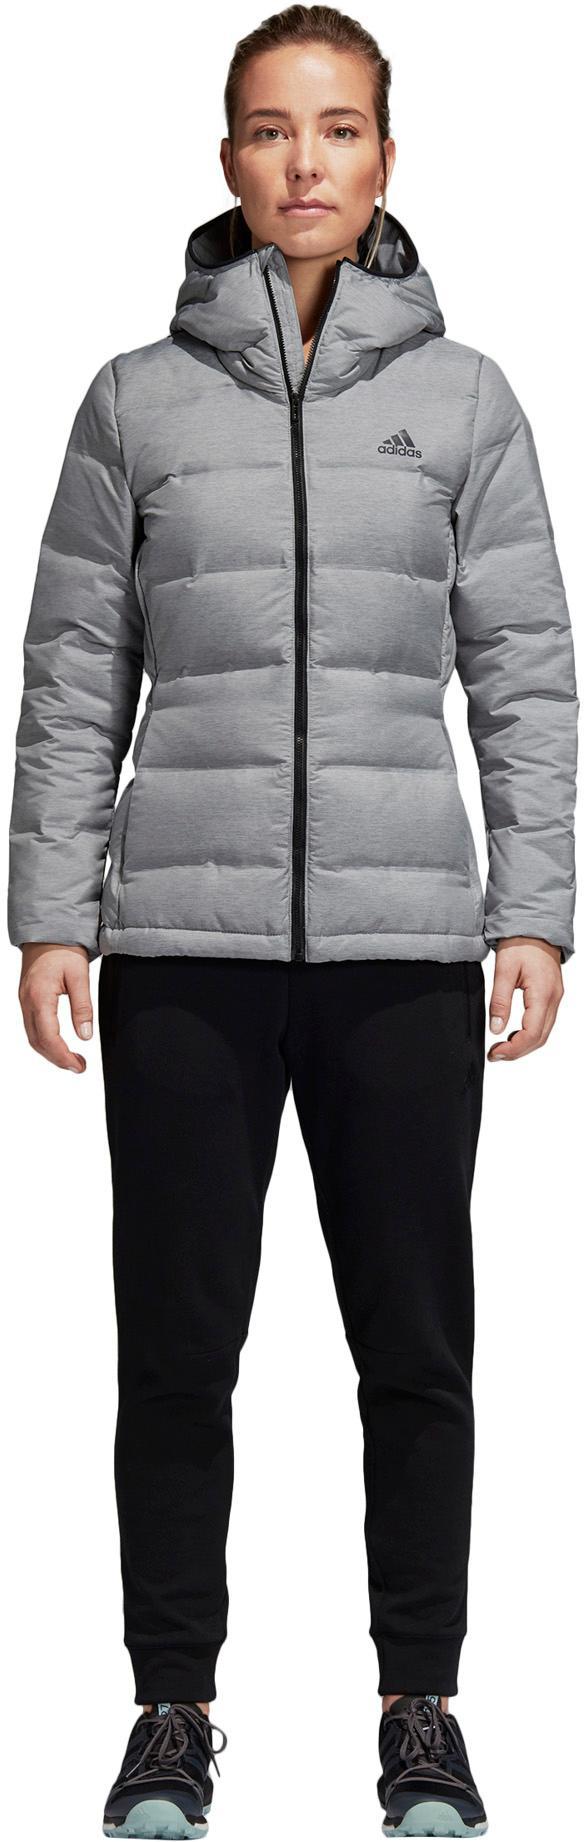 adidas Helionic Daunenjacke Damen medium grey heather im Online Shop von SportScheck kaufen